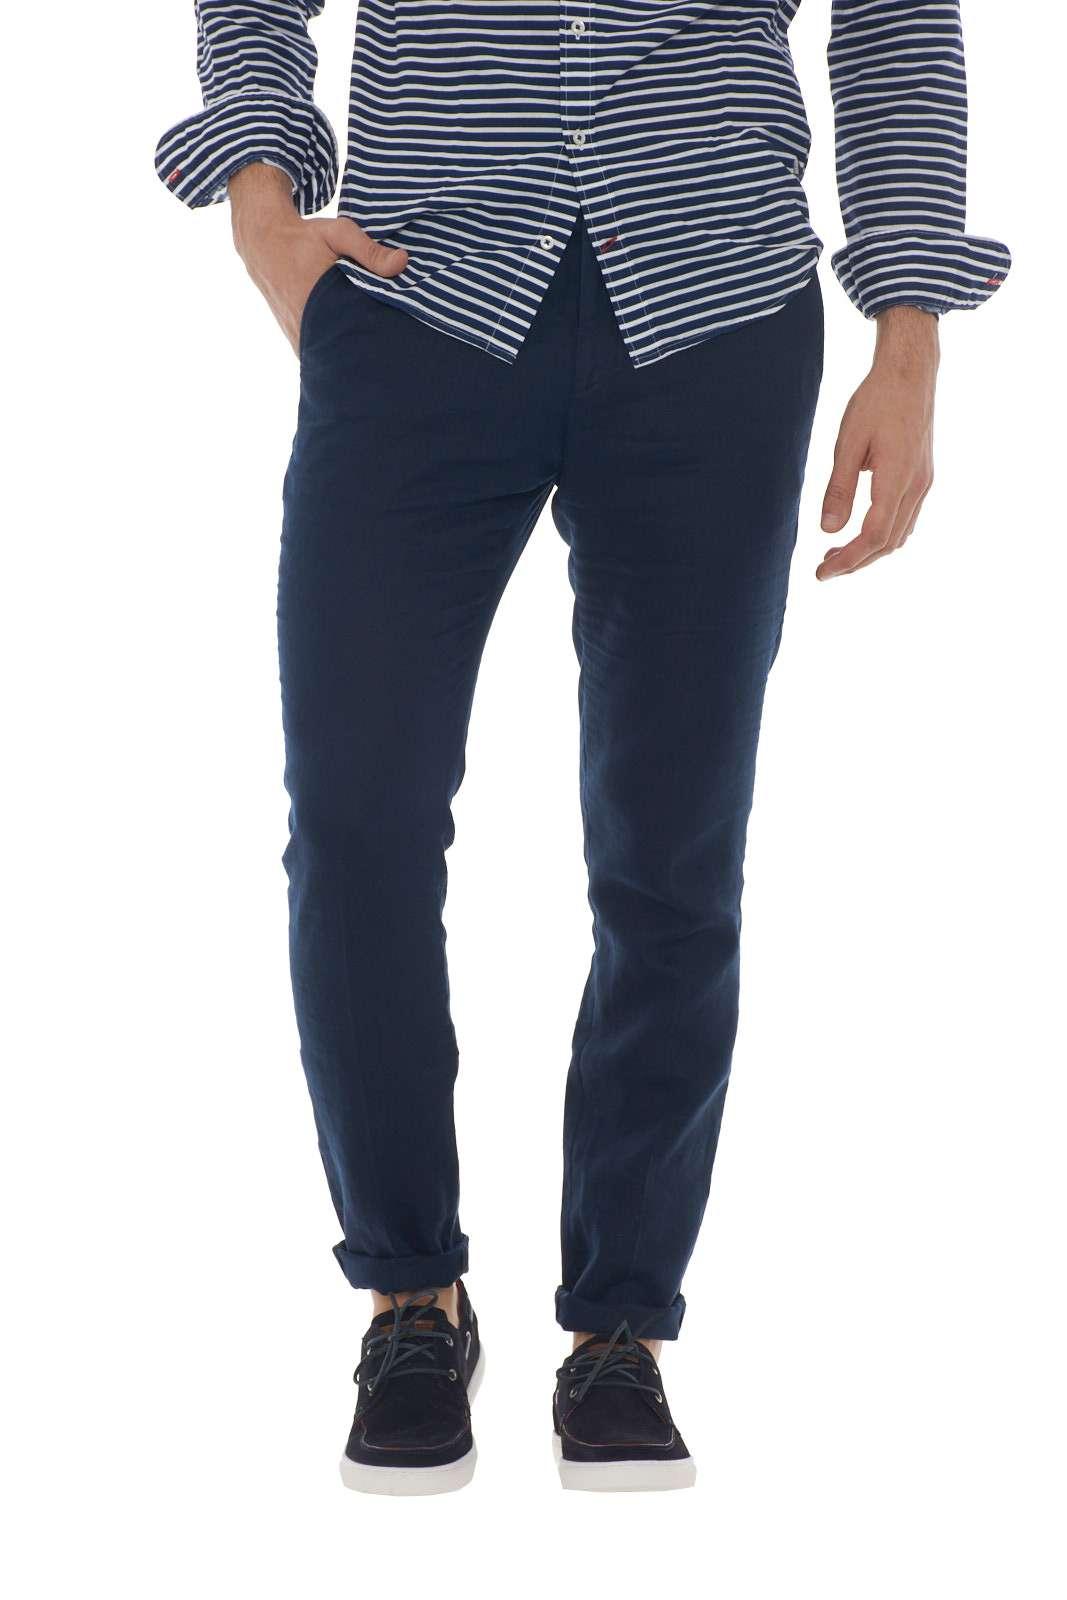 Elegante e raffinato, il pantalone firmato Manuel Ritz, diventerà un caposaldo di stile nei tuoi outfit. Realizzato al 100% in lino, rimarrà fresco e morbido sulla gamba, garantendo comfort e leggerezza. Da abbinare a camice o t-shirt per total look chic e affascinanti. Il modello è alto 1.90m e indossa la taglia 50.